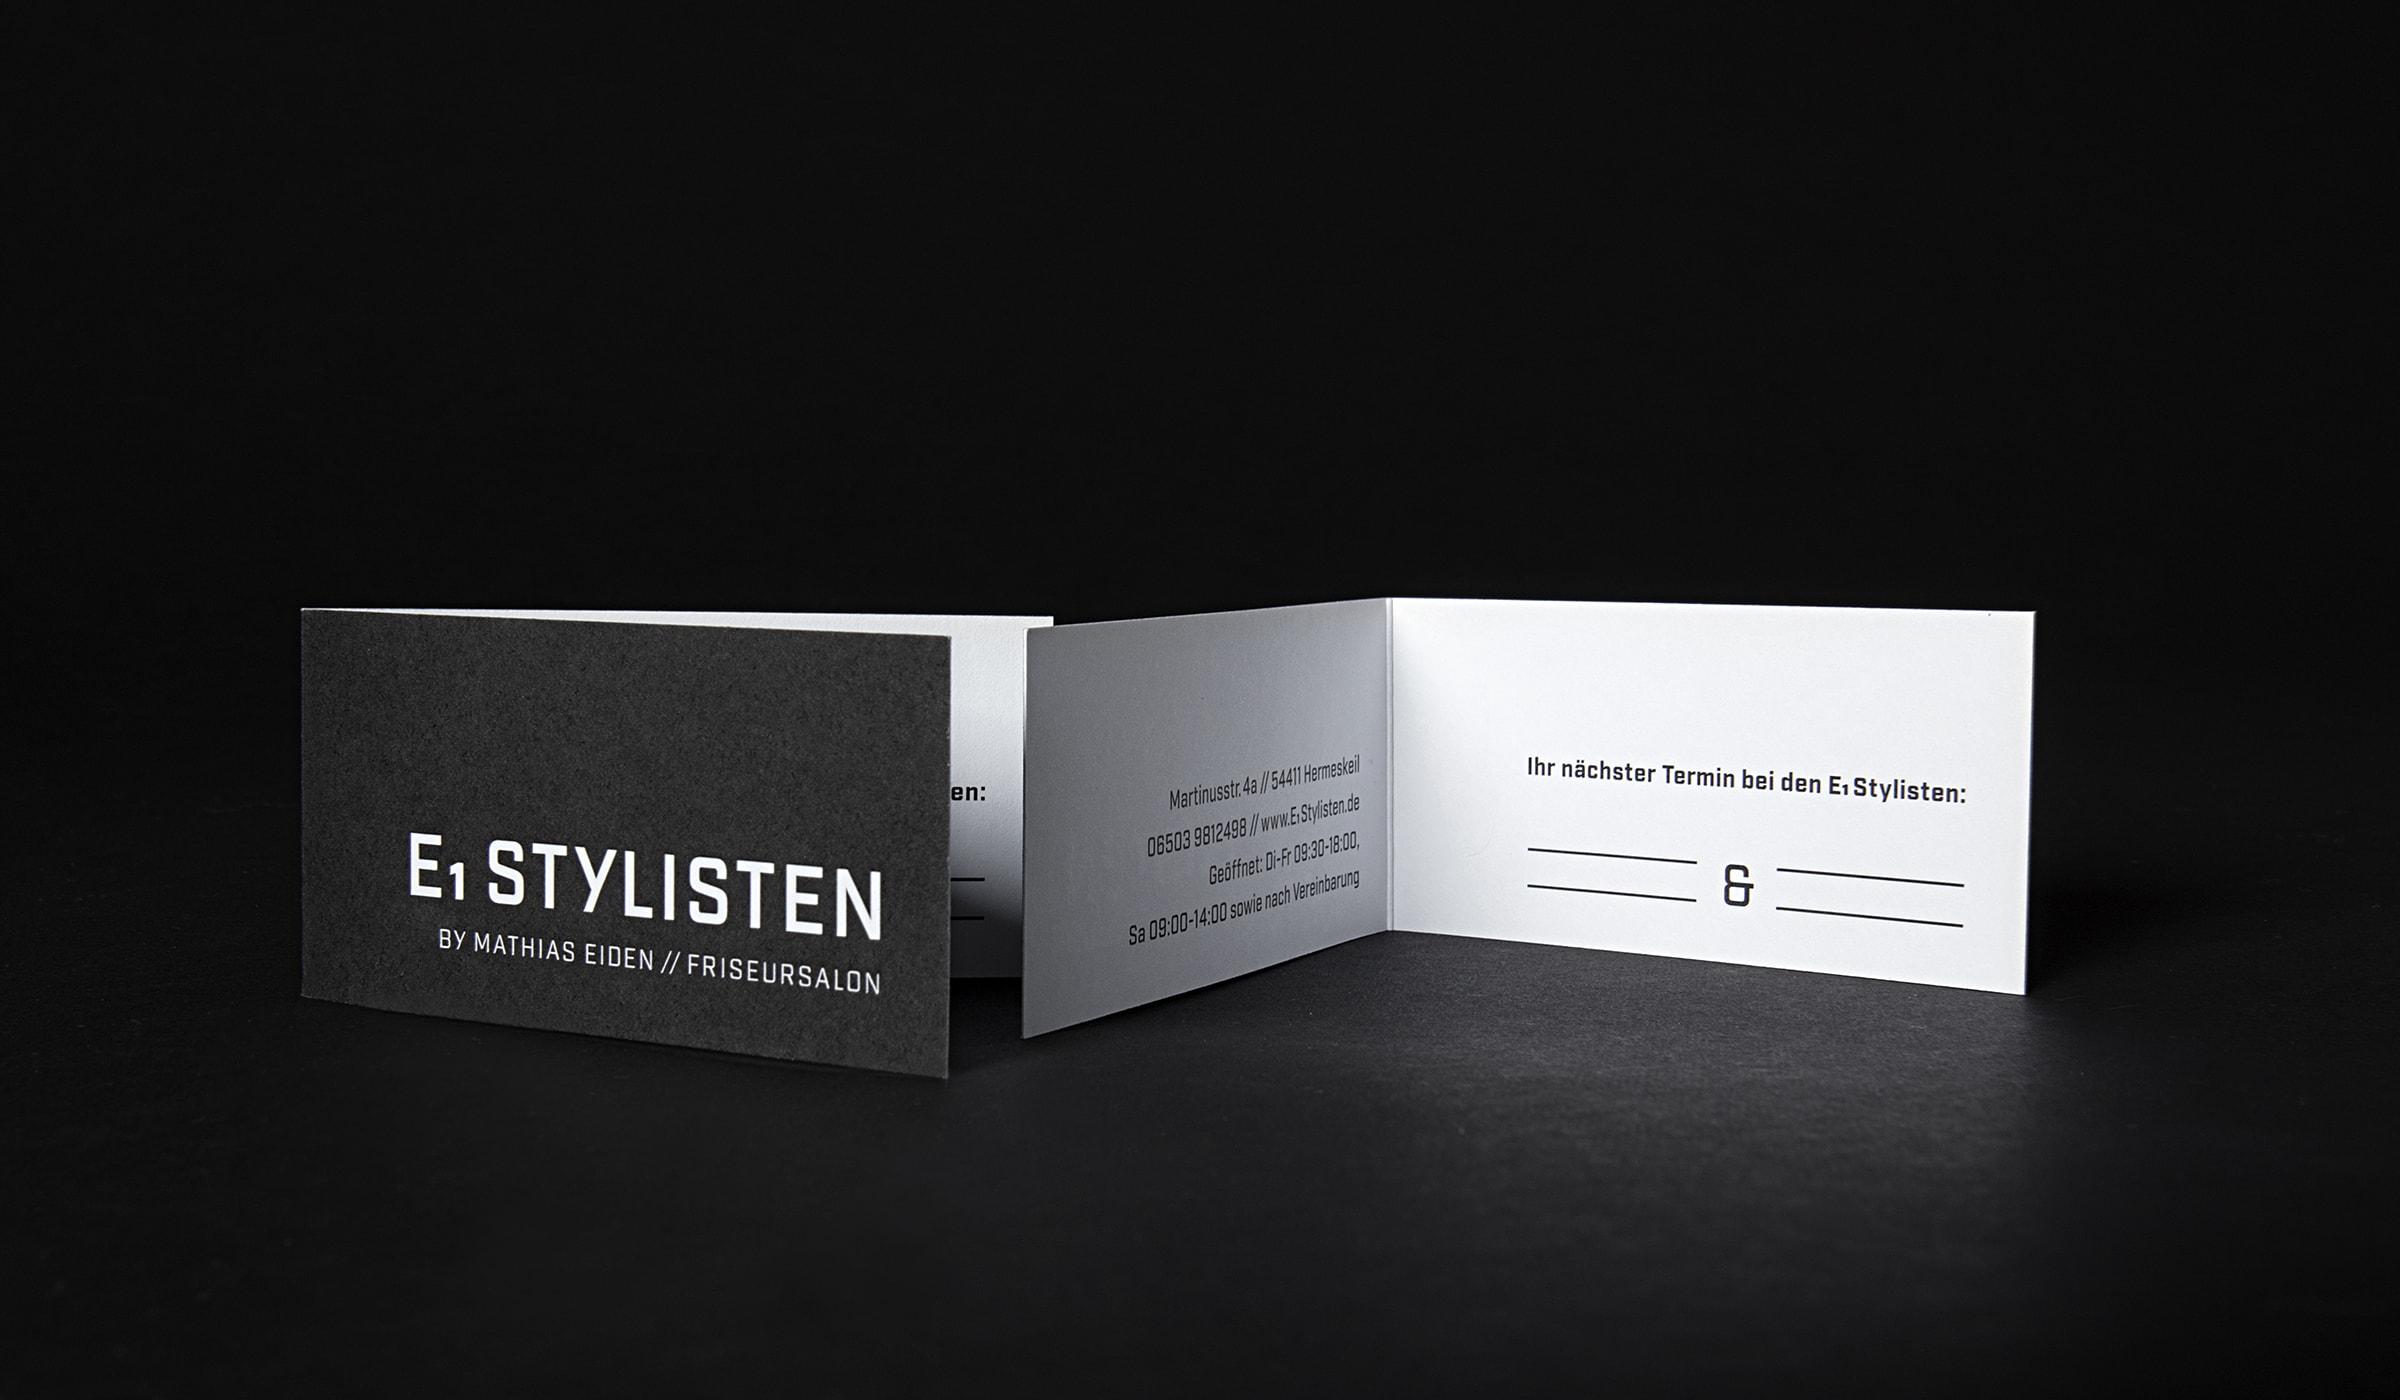 Grafikdesign für einen Friseursalon in Hermeskeil. Werbung und Corporate Design erstellt durch die Designagentur mieker - Konzept Design Strategie. Die hochwertigen Terminkarten folgen dem Kommunikationskonzept und zeigen sich in einem schmalen Format, den Corporate Farben Schwarz und Weiß treu. Das Werbekonzept umfasst Visitenkarten im Sonderformat sowie Briefpapier, Briefumschläge, Geschäftspapierausstattung, Design Textildruck und Werbemittel. Bestandteile des Branding: Corporate Design, Brand Design, Logodesign. Regionen: Hermeskeil, Trier, Saarbrücken, Luxemburg.